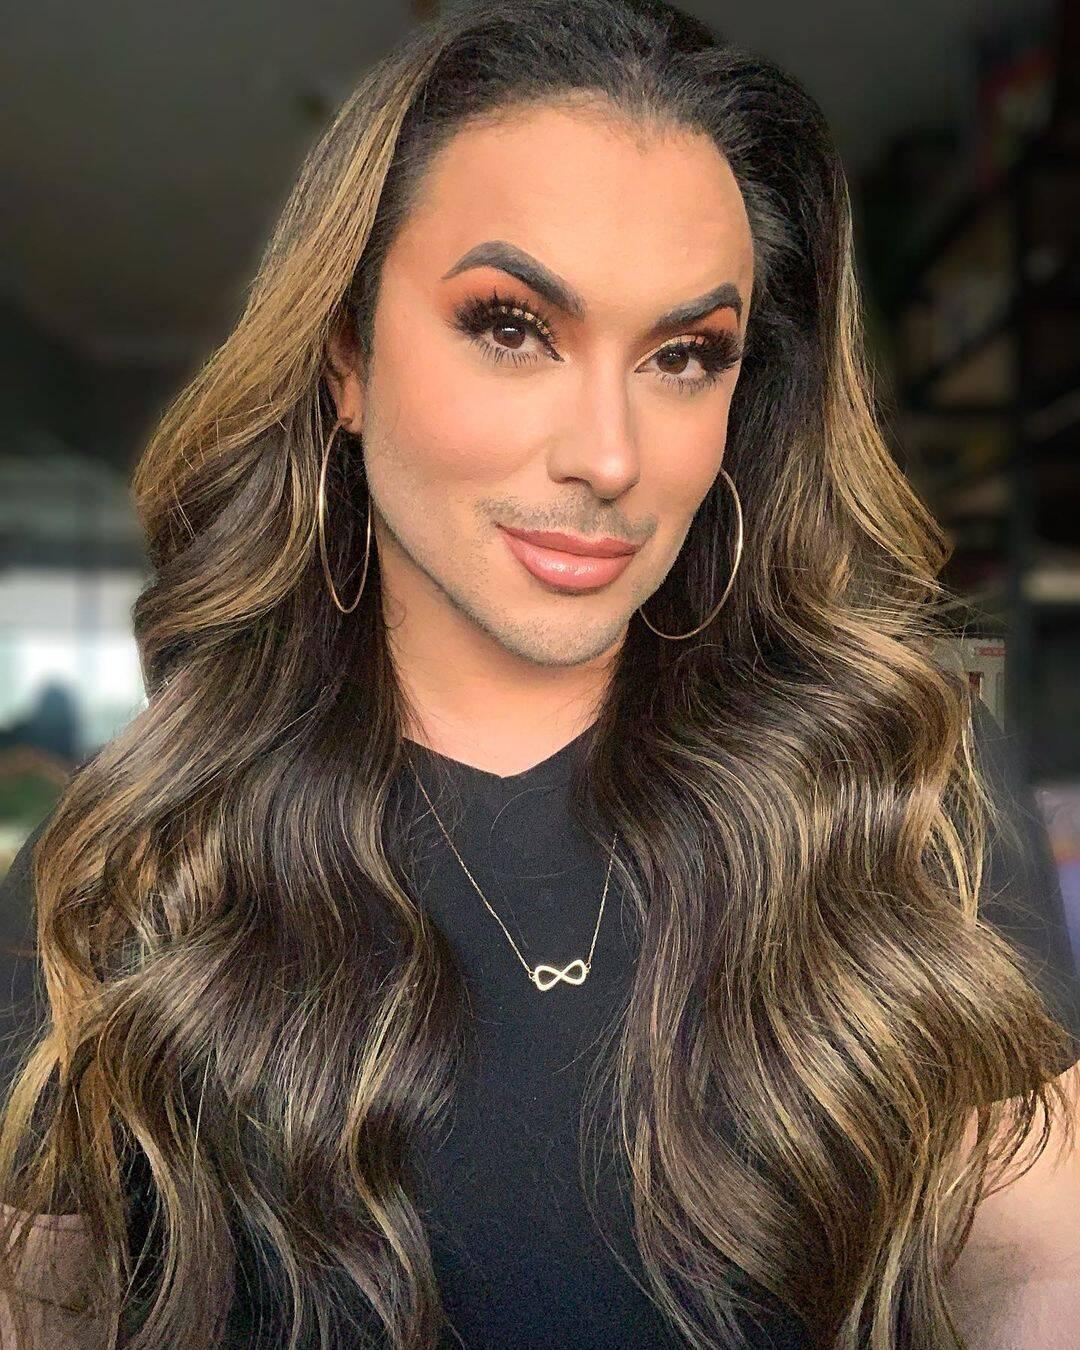 Maquiador profissional, Andy Rodrigues ele compartilha tutoriais de maquiagem nas redes sociais e adere os métodos em seu cotidiano. Foto: Instagram